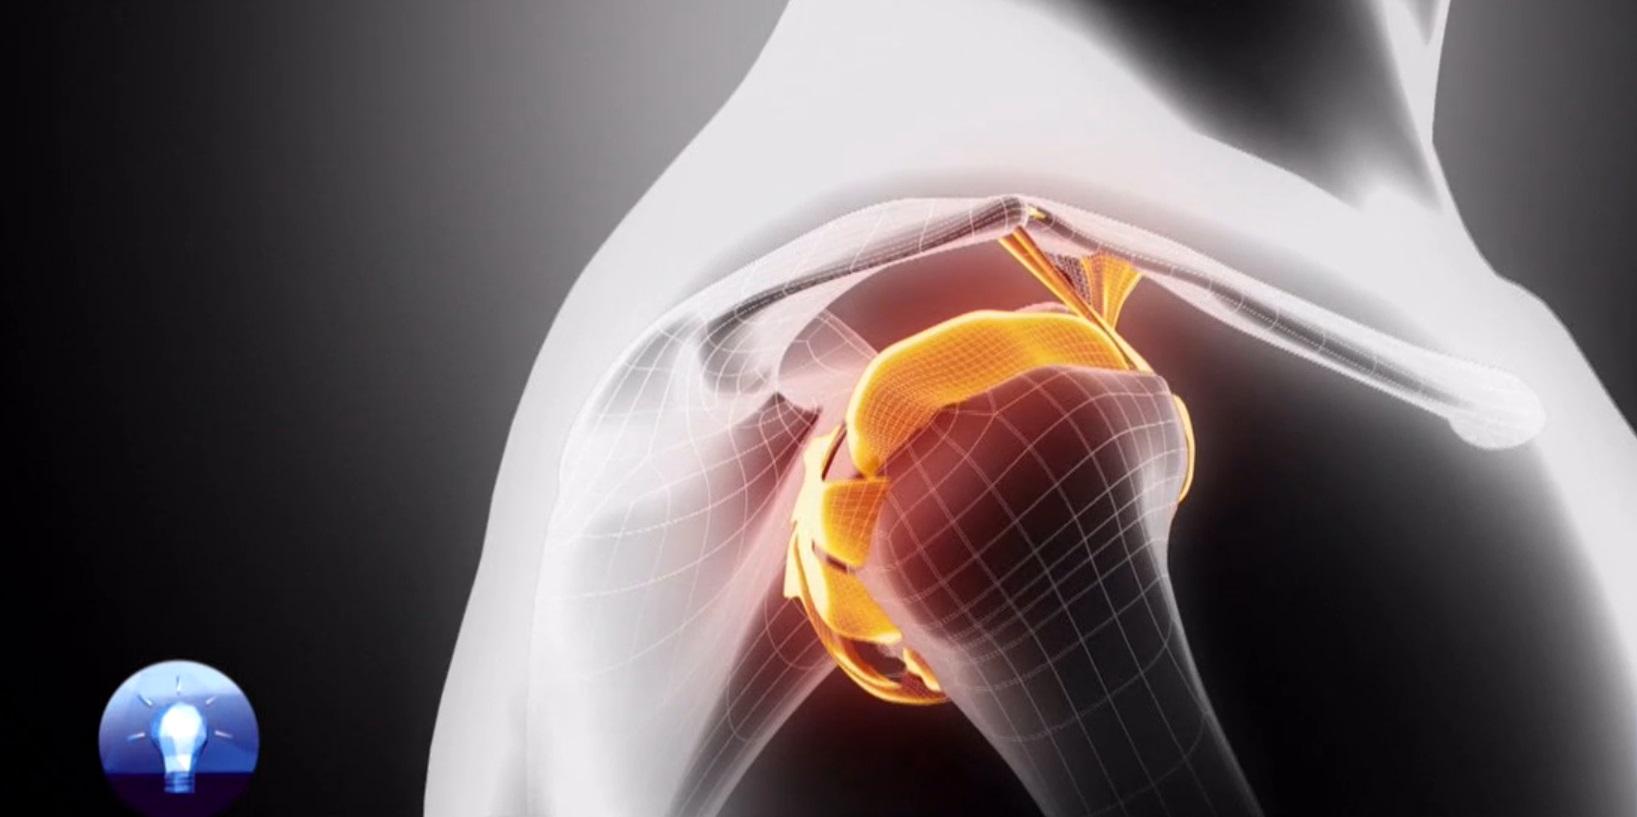 deformáló artrózis artritisz a térd receptek kenőcsök a fájdalom a lábak ízületeiben